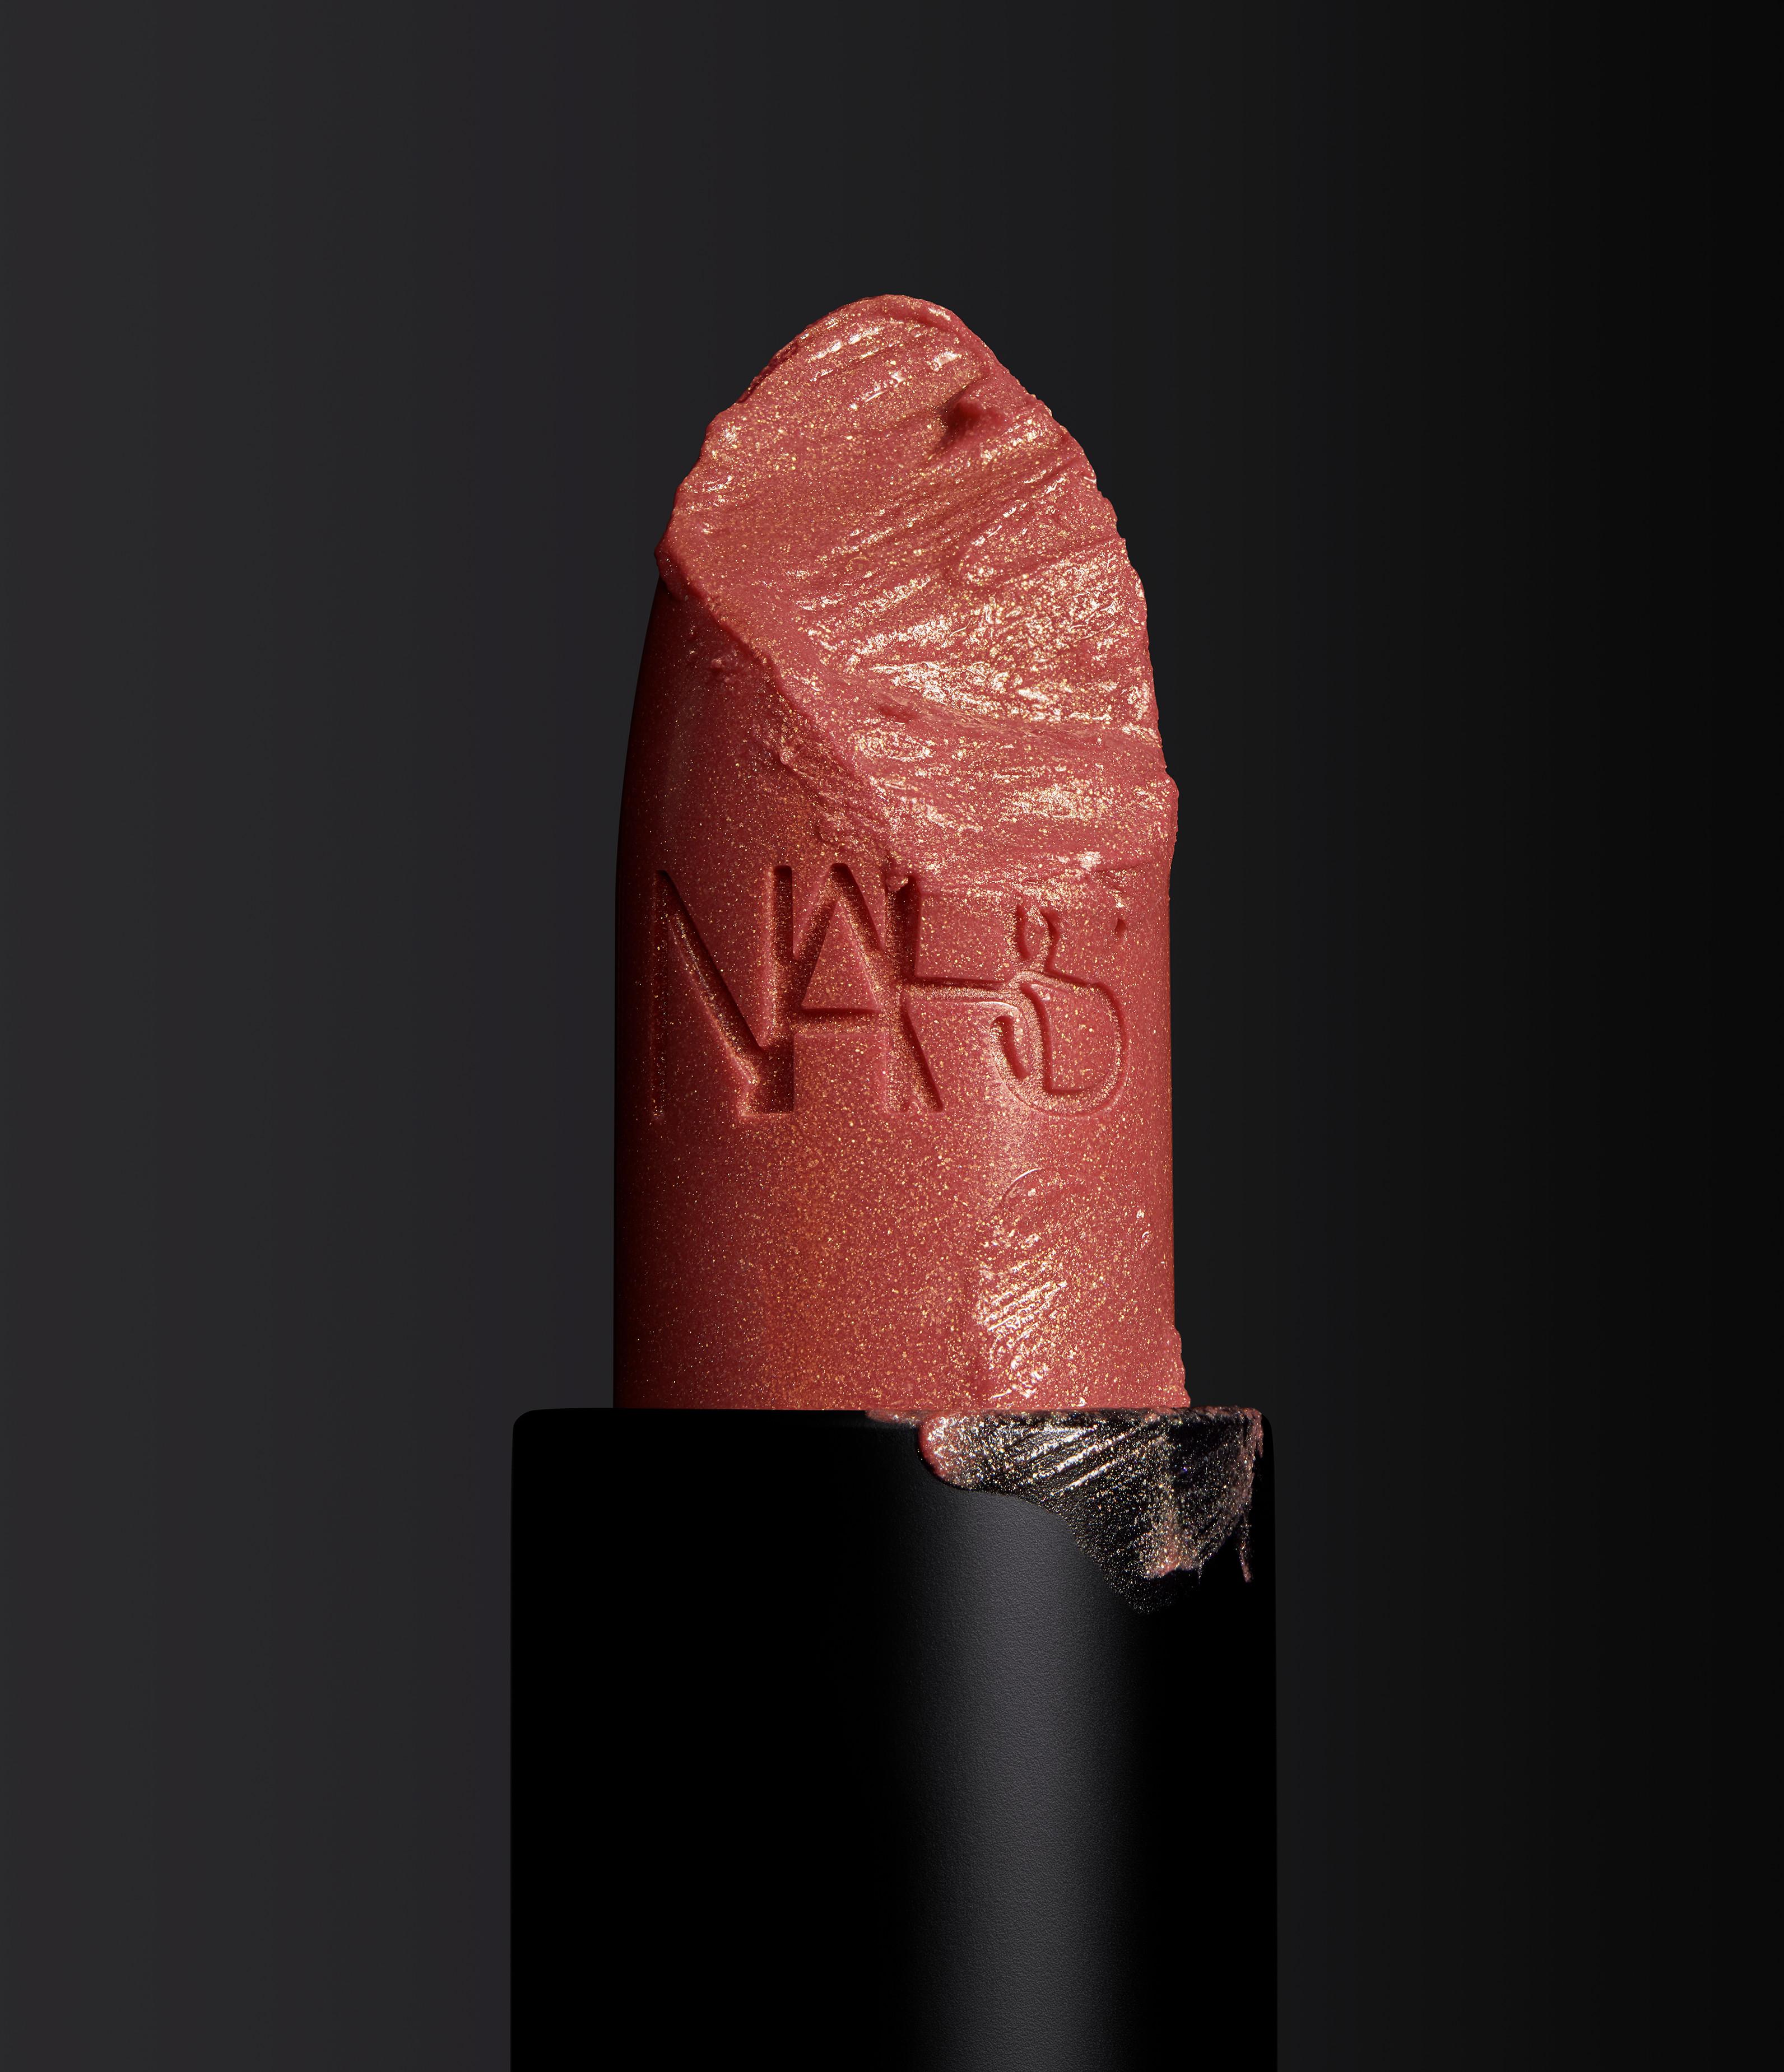 NARS Iconic Lipstick Orgasm Stylized Image